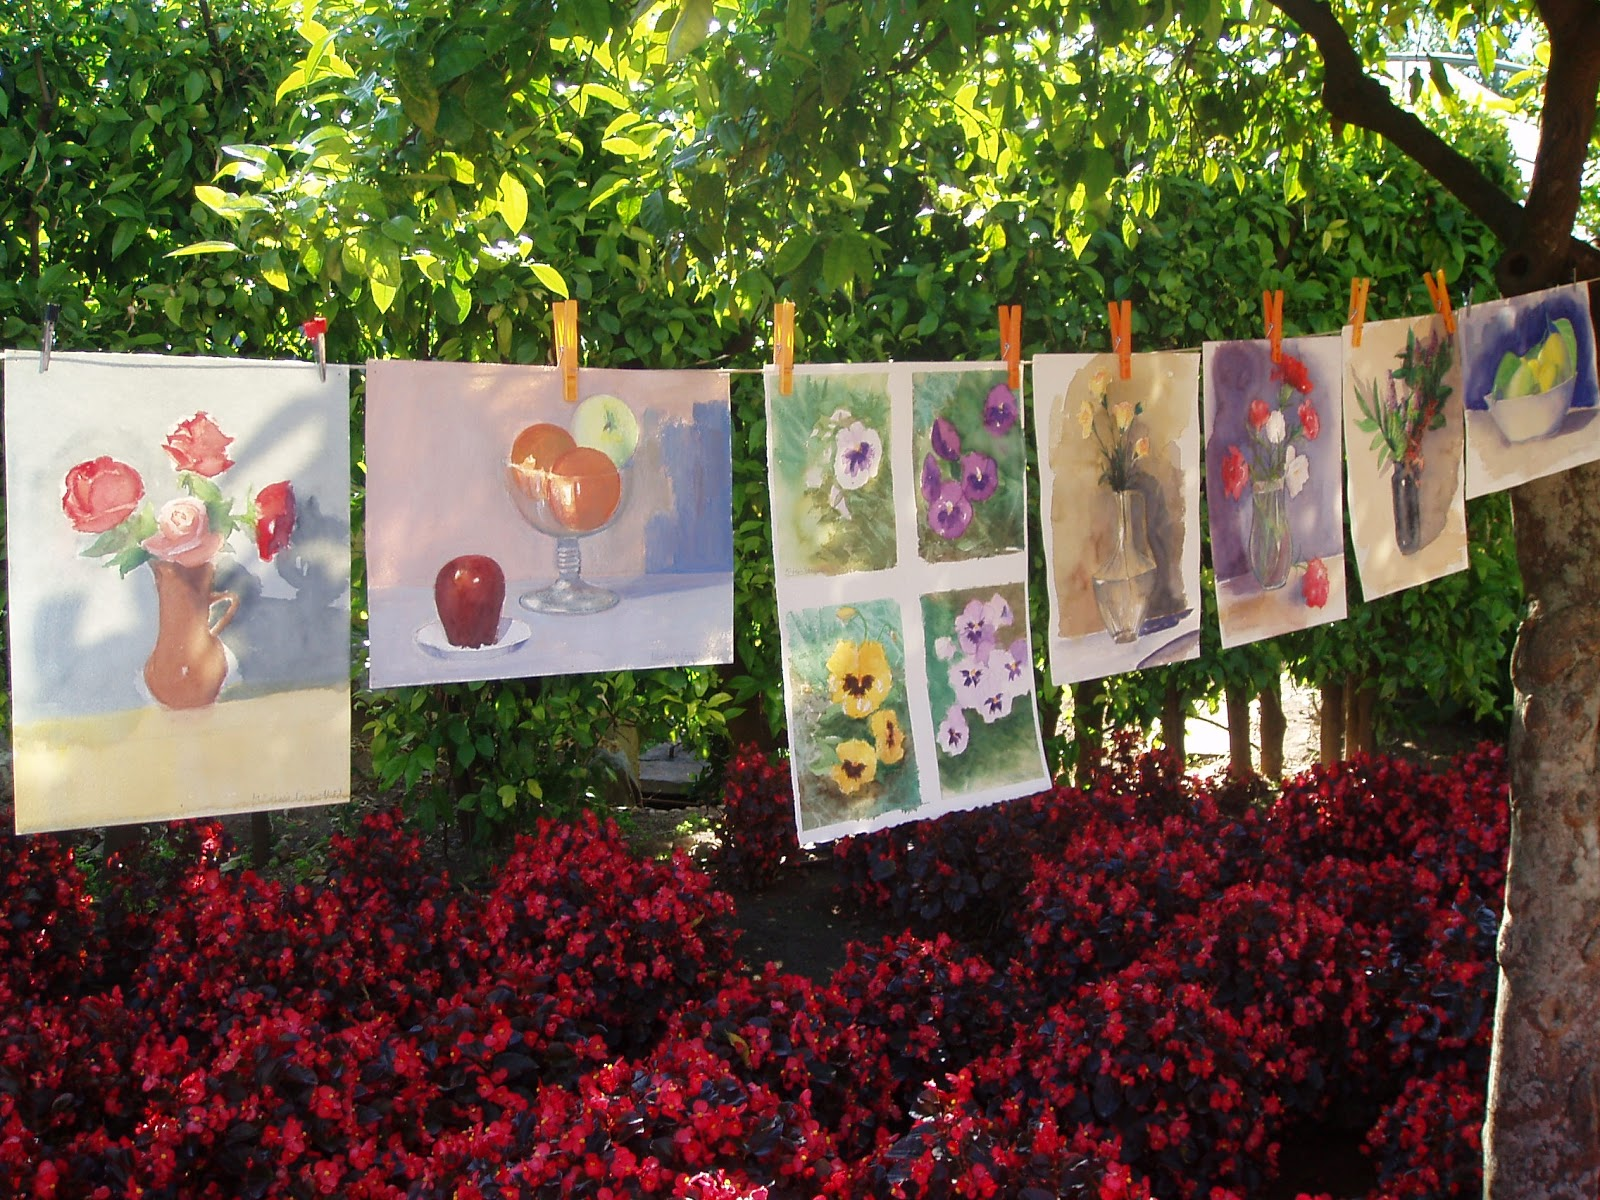 Escuela de arte antonio povedano los domingos al jard n for Jardin botanico cursos